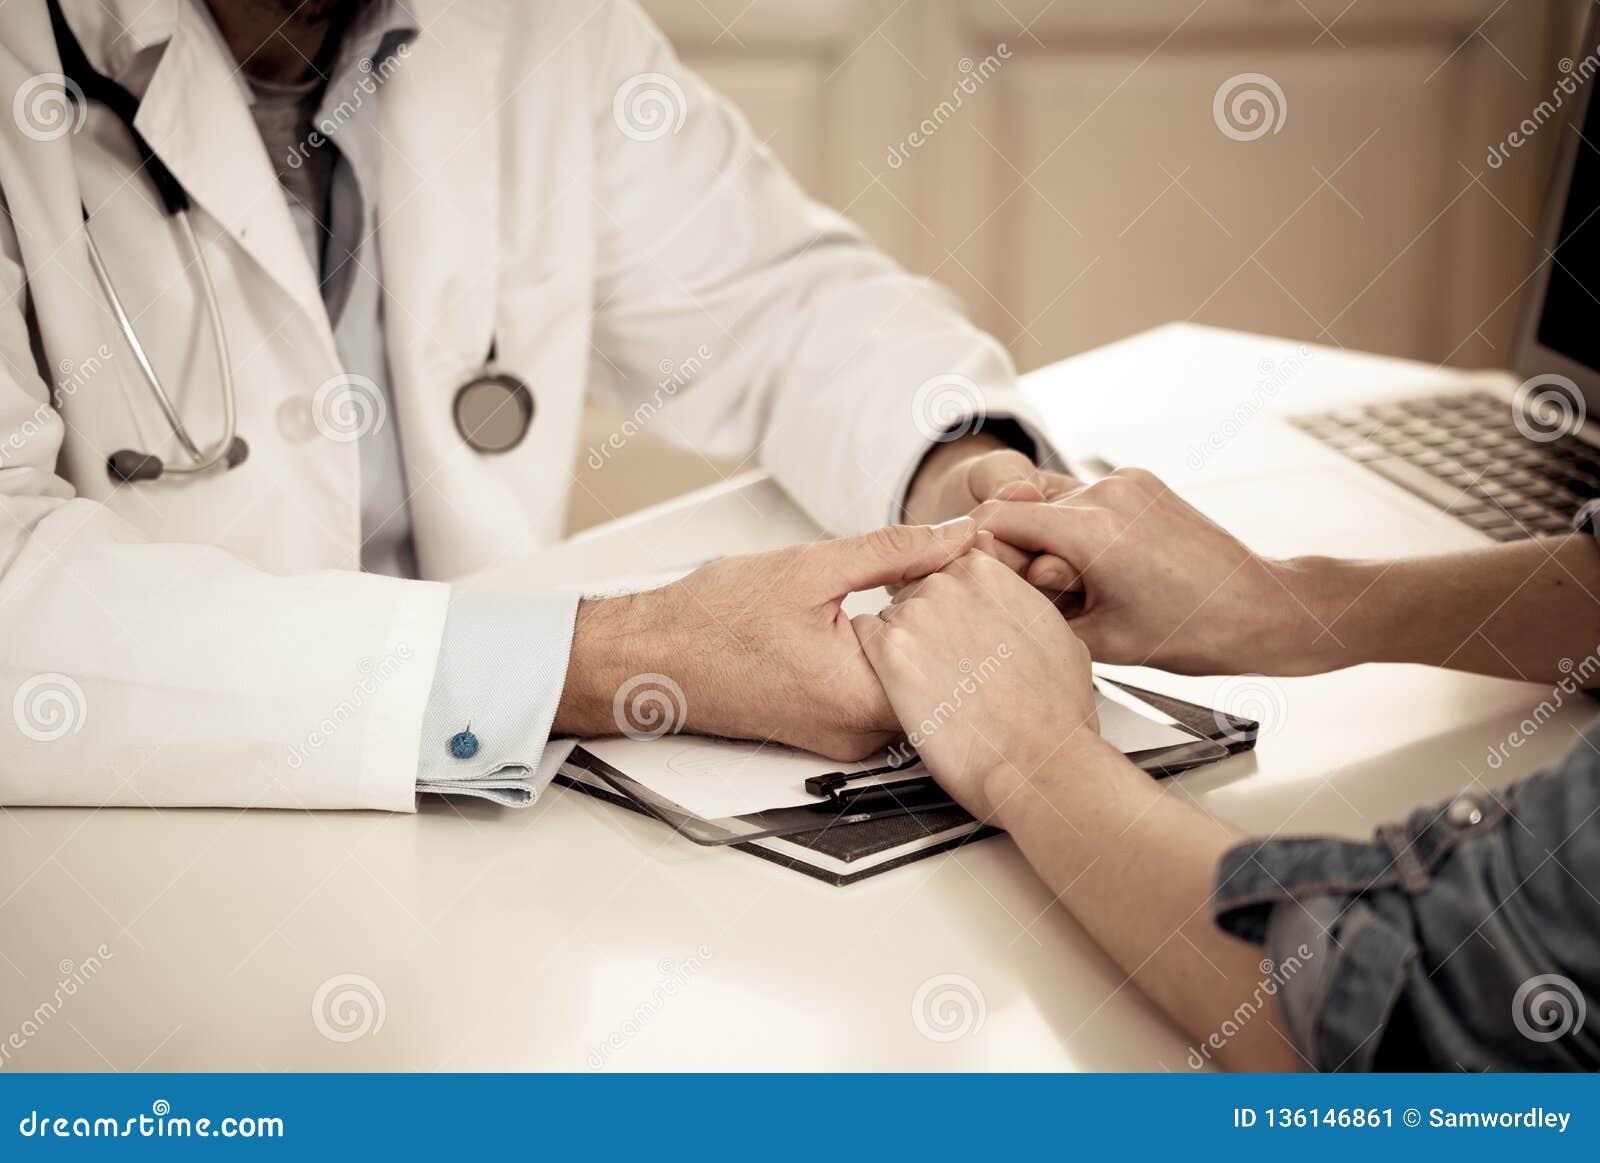 Doktor som rymmer kvinnliga tålmodiga händer med medkänsla och komfort för uppmuntran och inlevelse